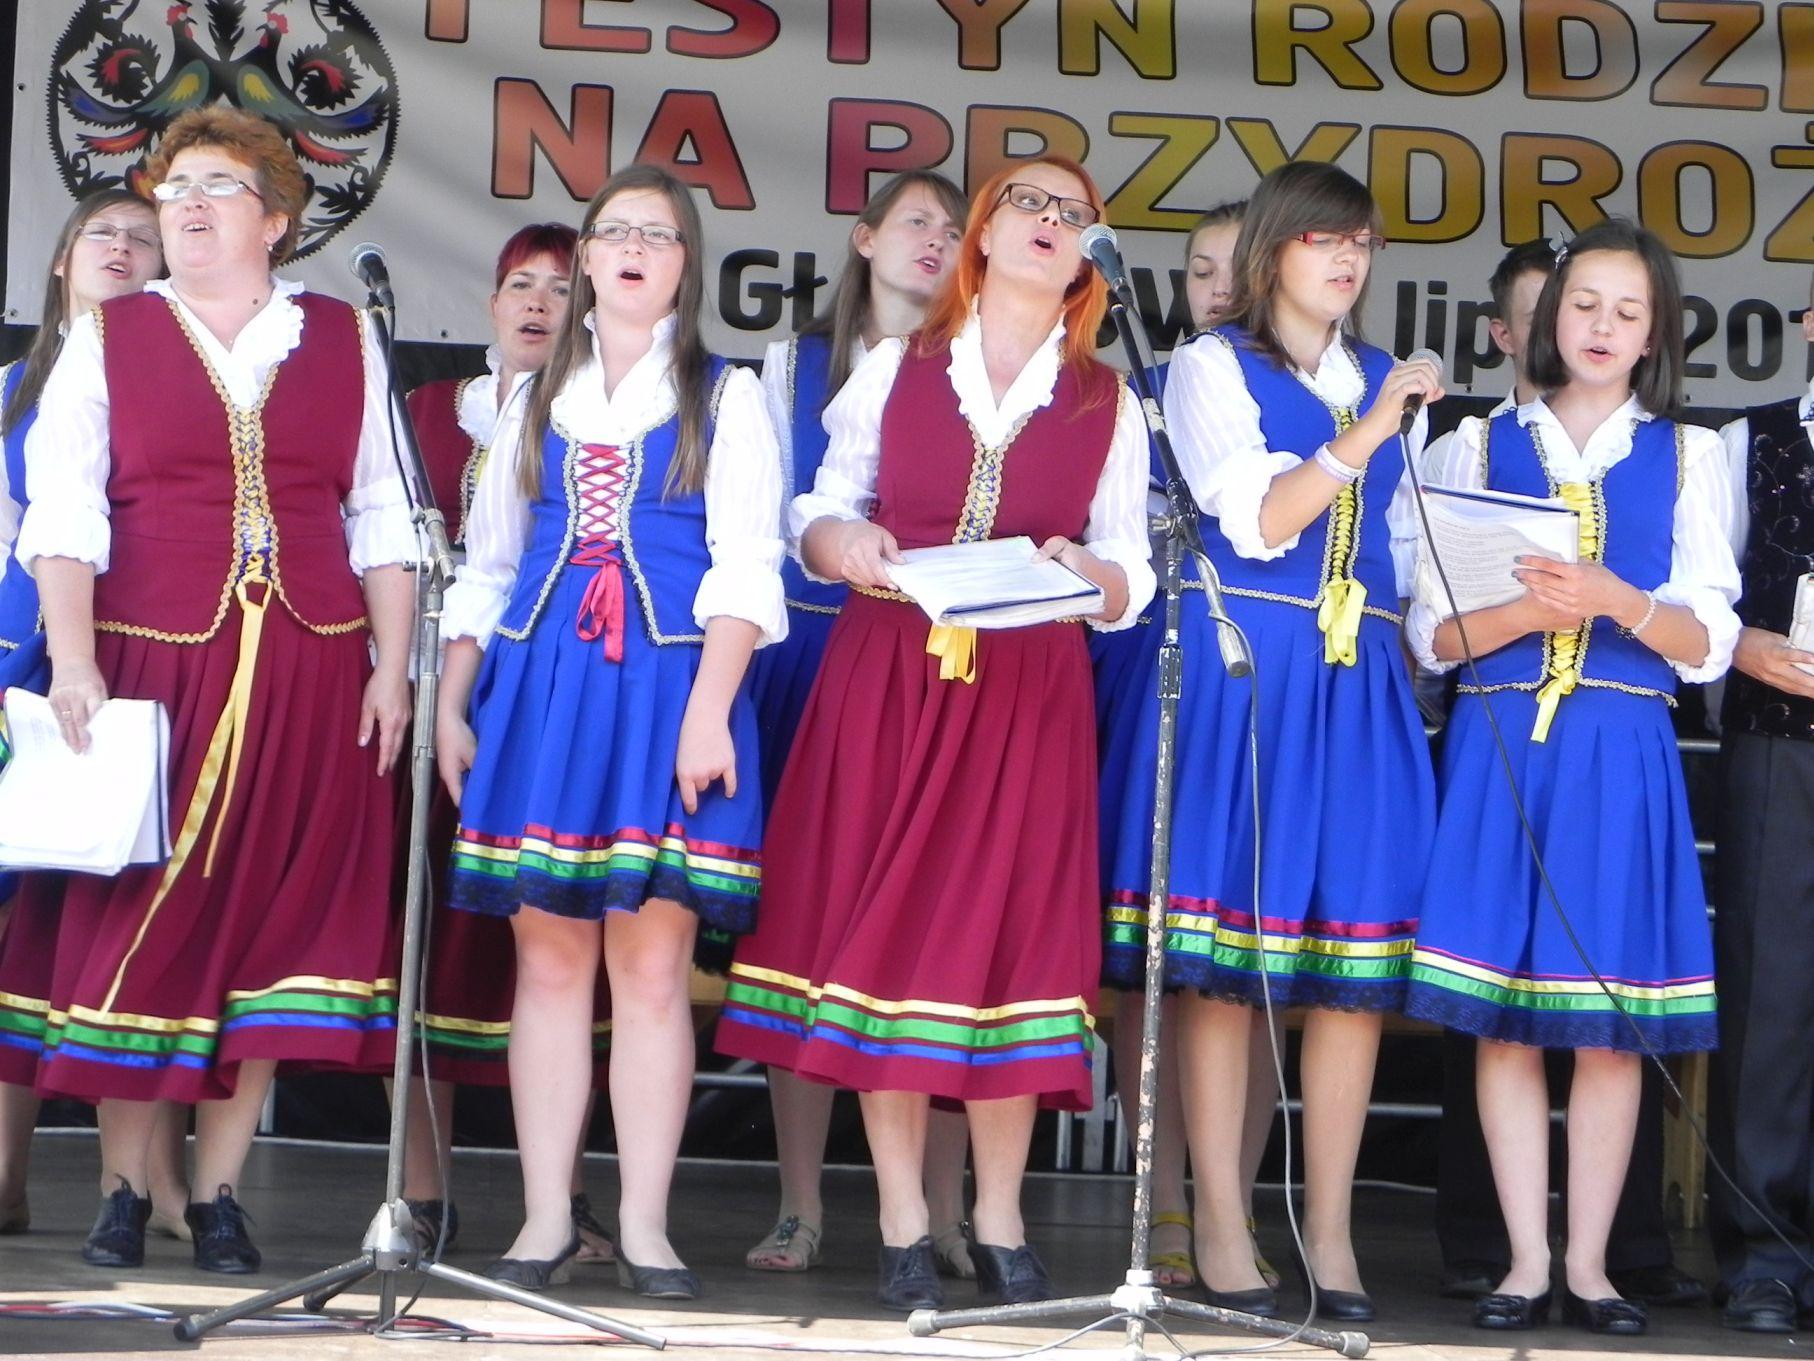 2013-07-07 Głuchów Festyn na Przydrożku (26)